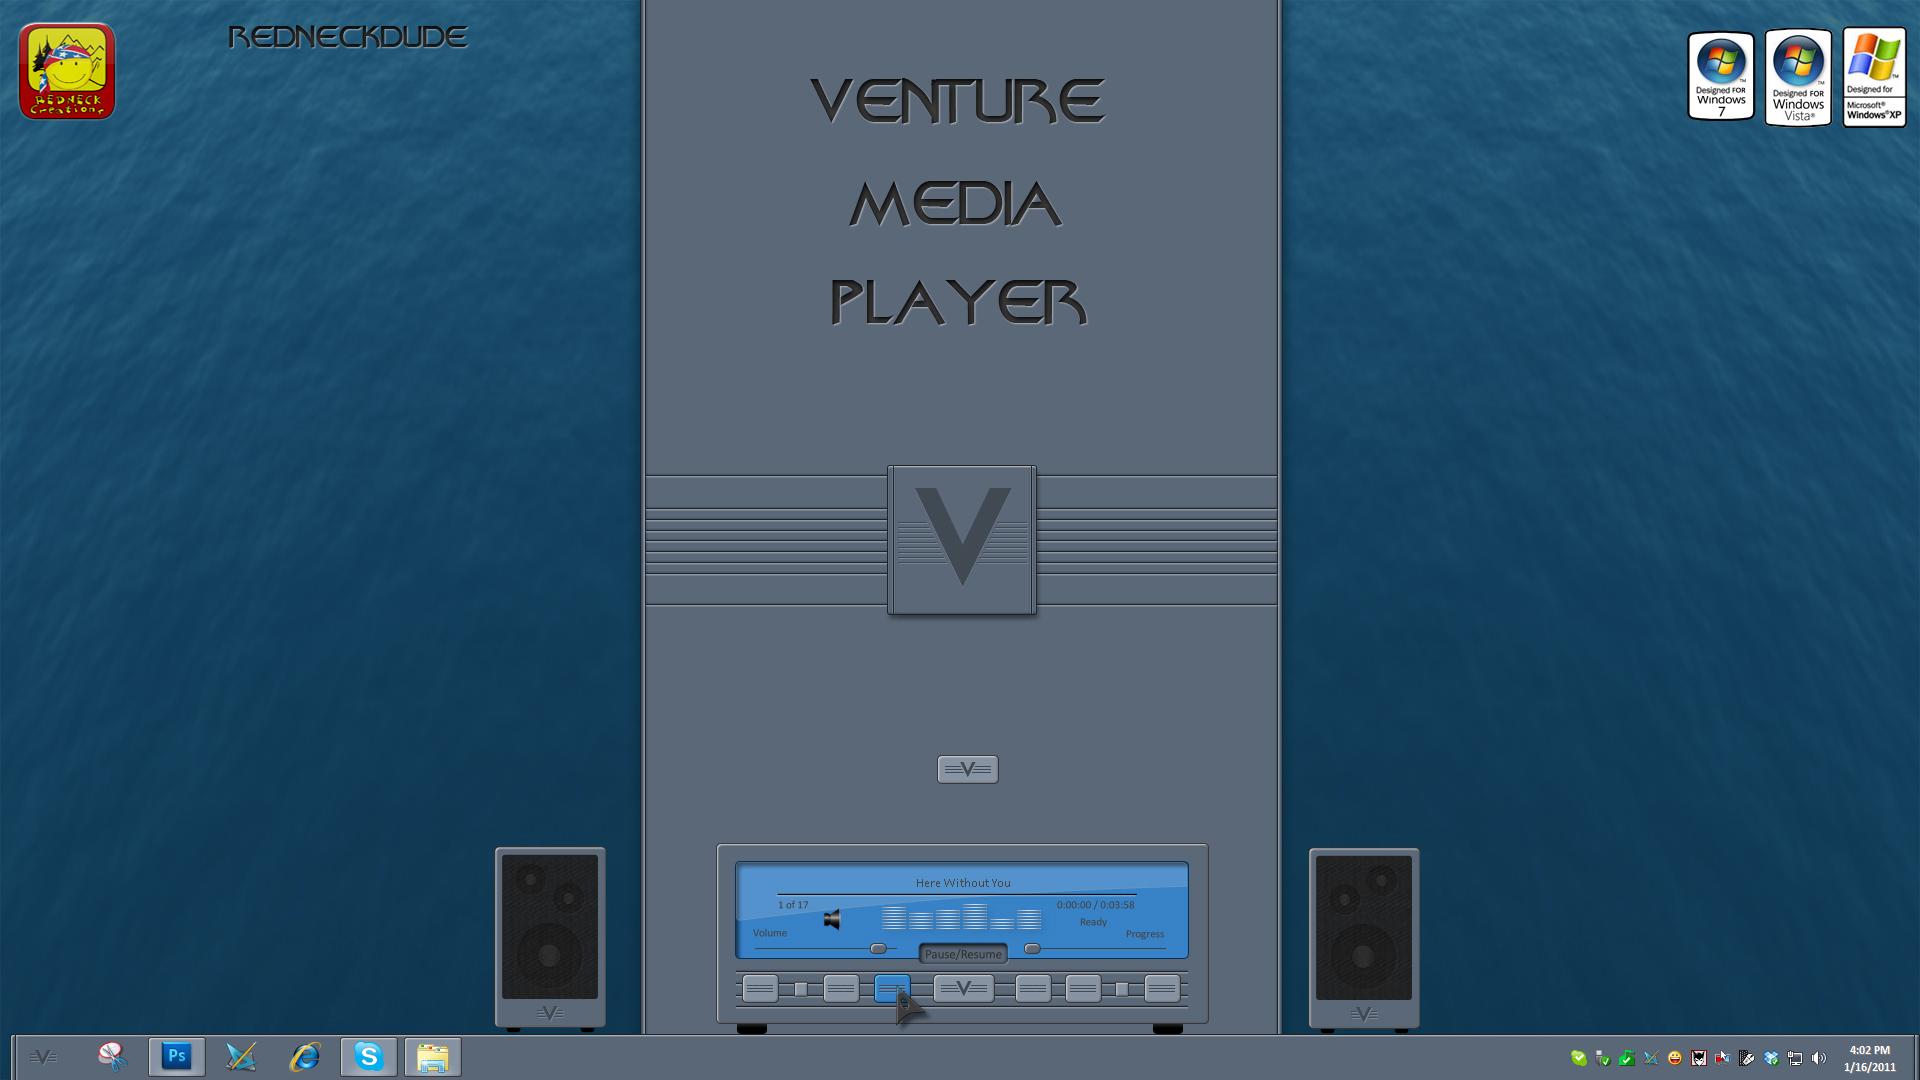 Venture Media Widget